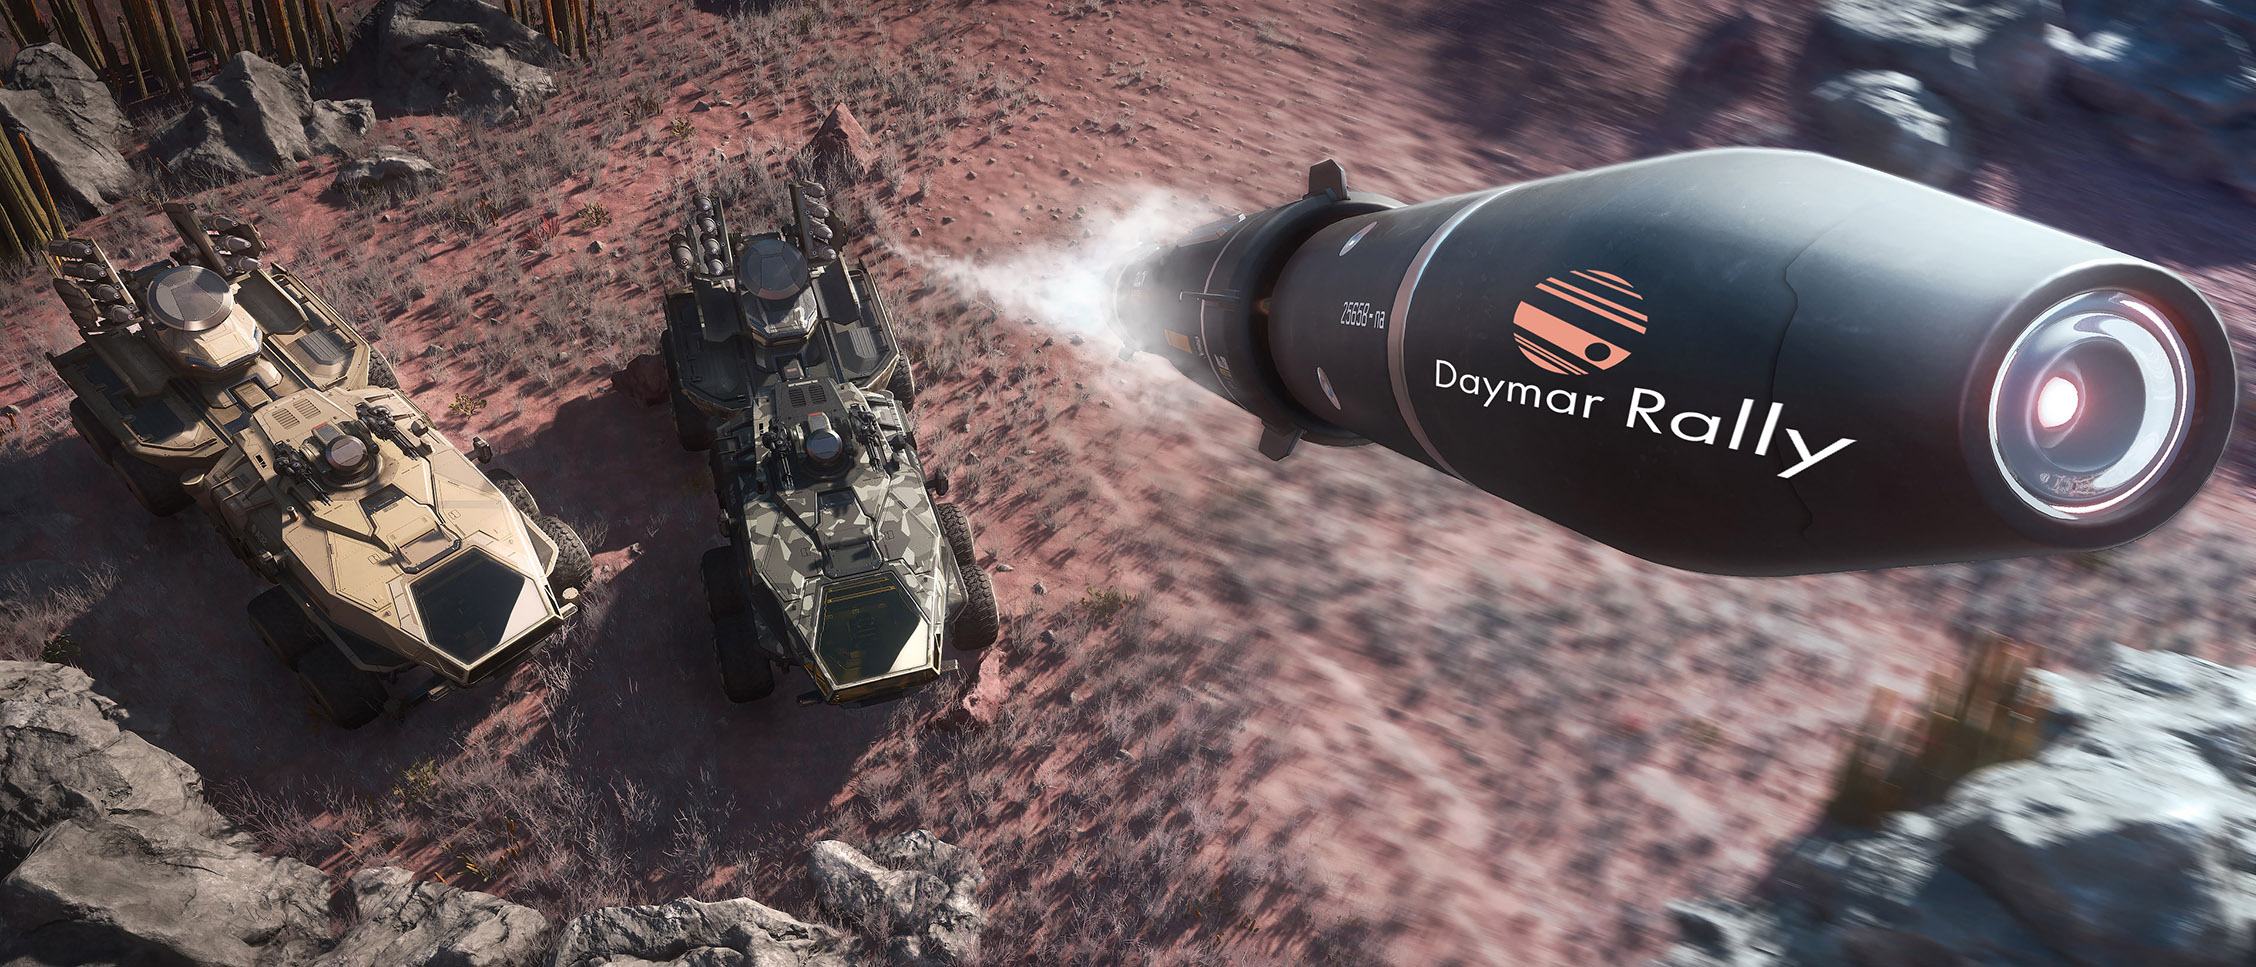 Ballista missile 072019 min web